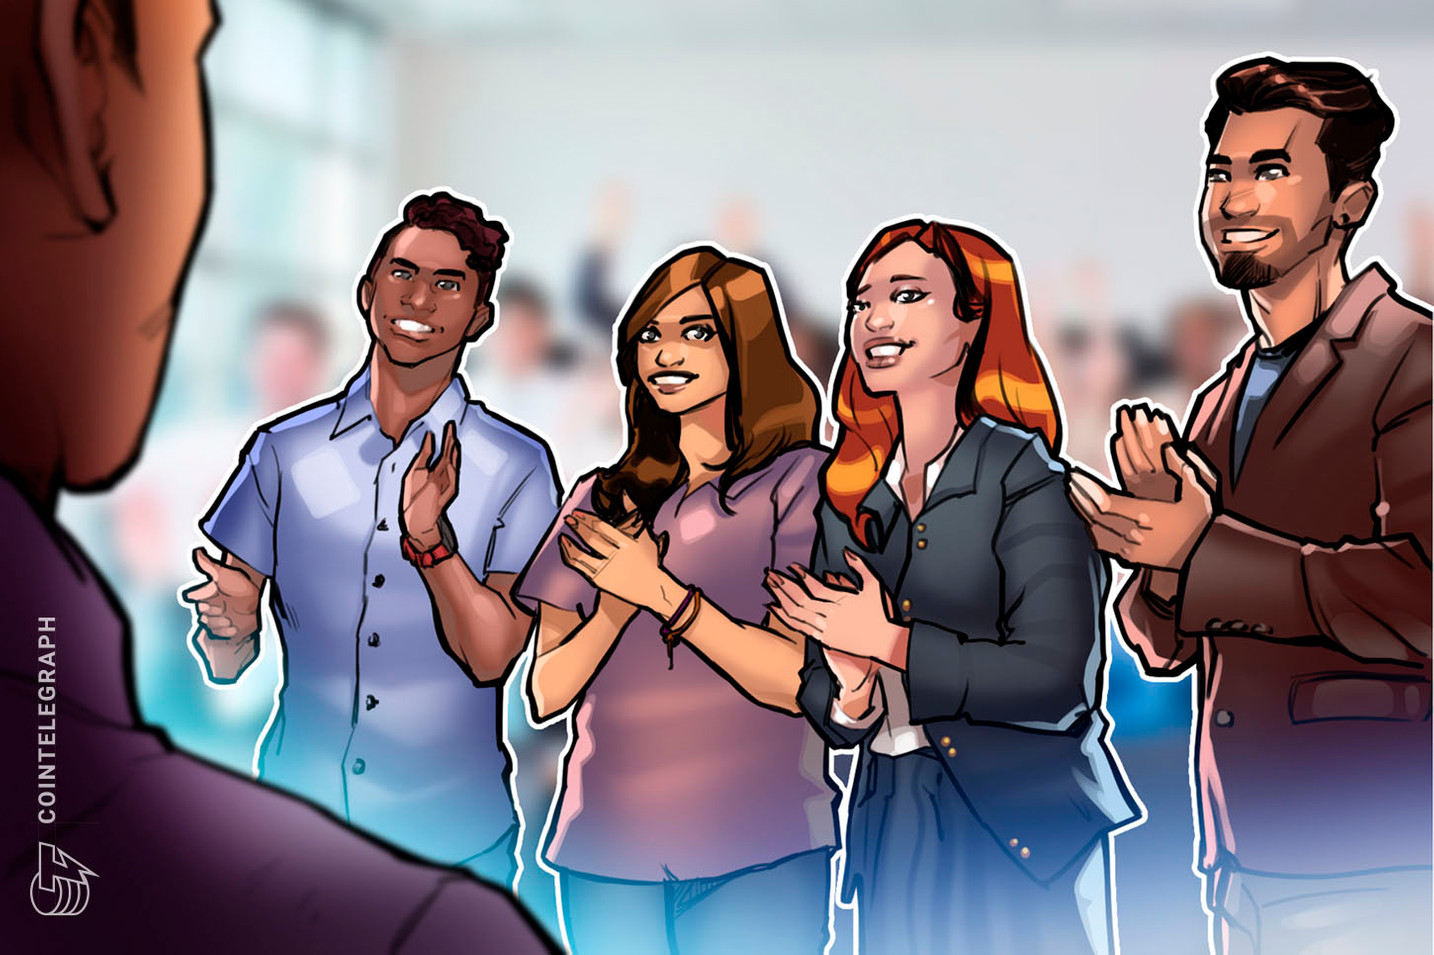 Grupo Español de tecnología y RRHH se une a una fintech para lanzar servicio de salario en tiempo real